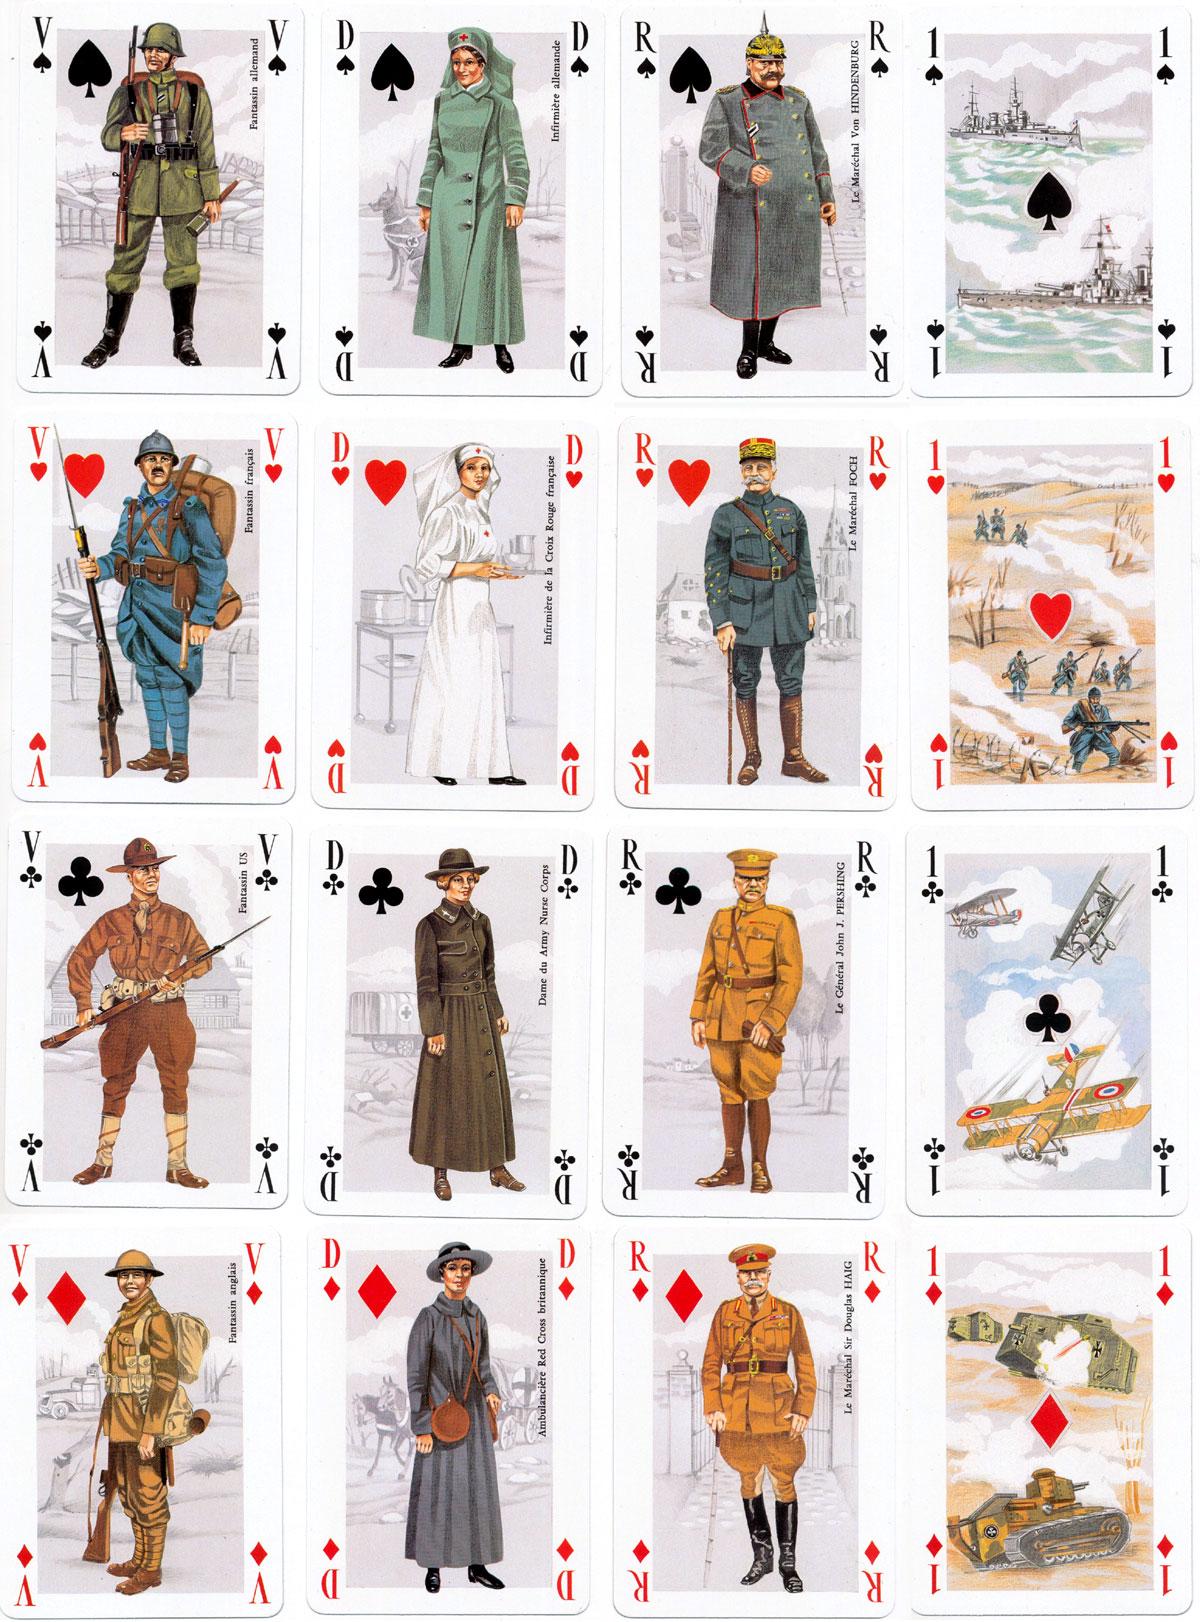 """""""Première Guerre Mondiale 1914-1918"""" playing cards published by Éditions J.C. Dusserre (Maitres Cartiers Boéchat Frères), Paris"""